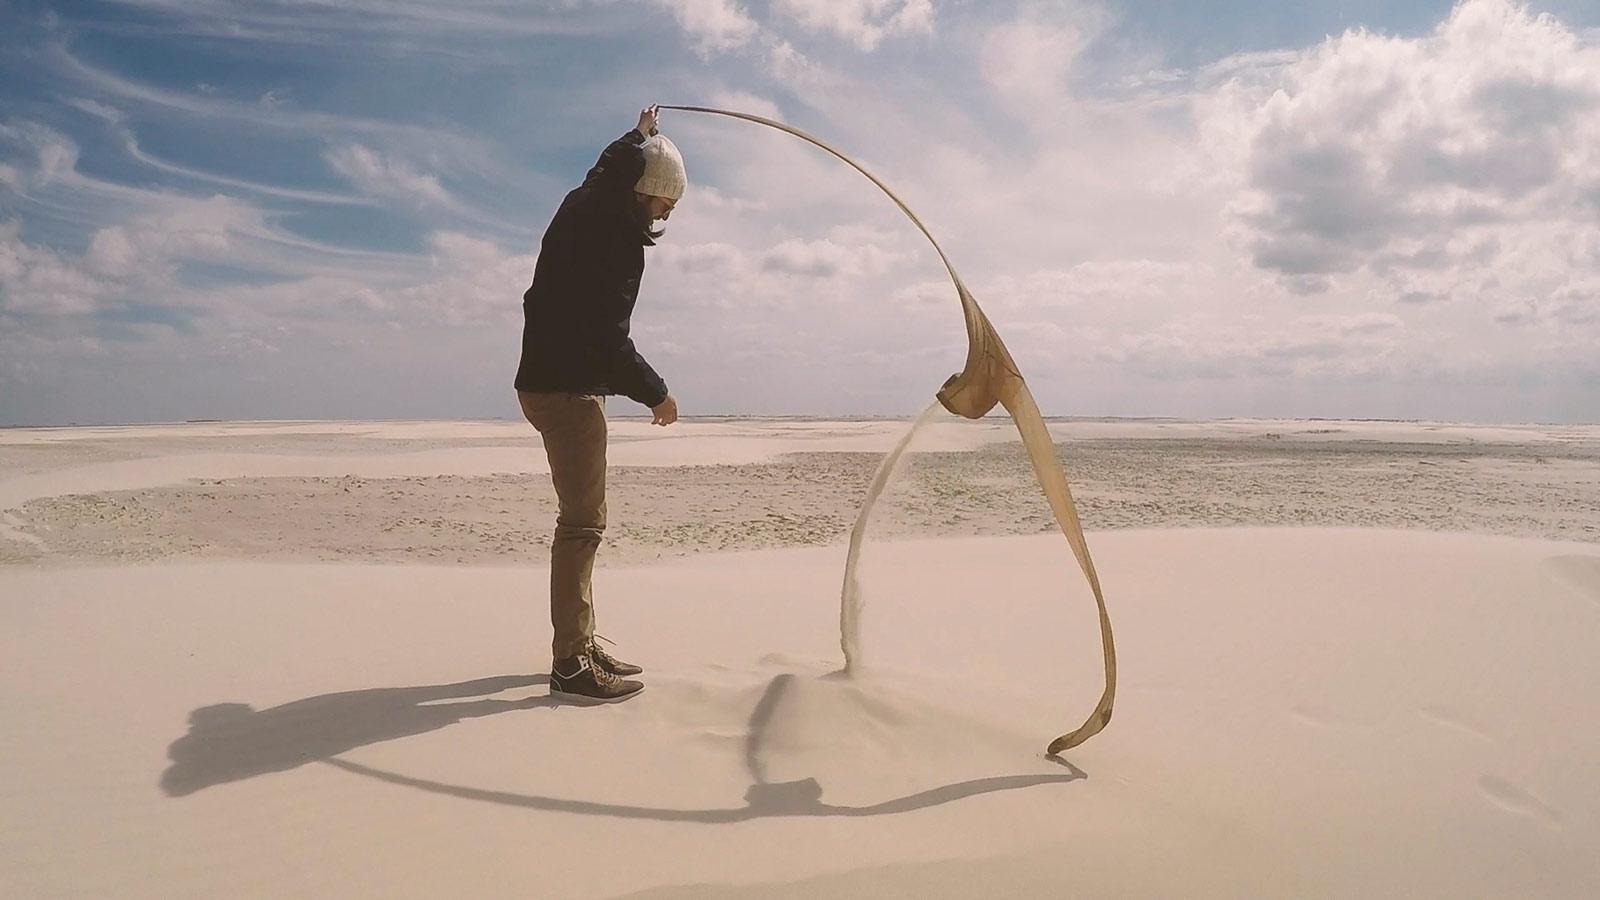 Ein videostill mit dem Künstler Fabian Matz, der ein Strumpf im Wind hält und Sand herausfliesst